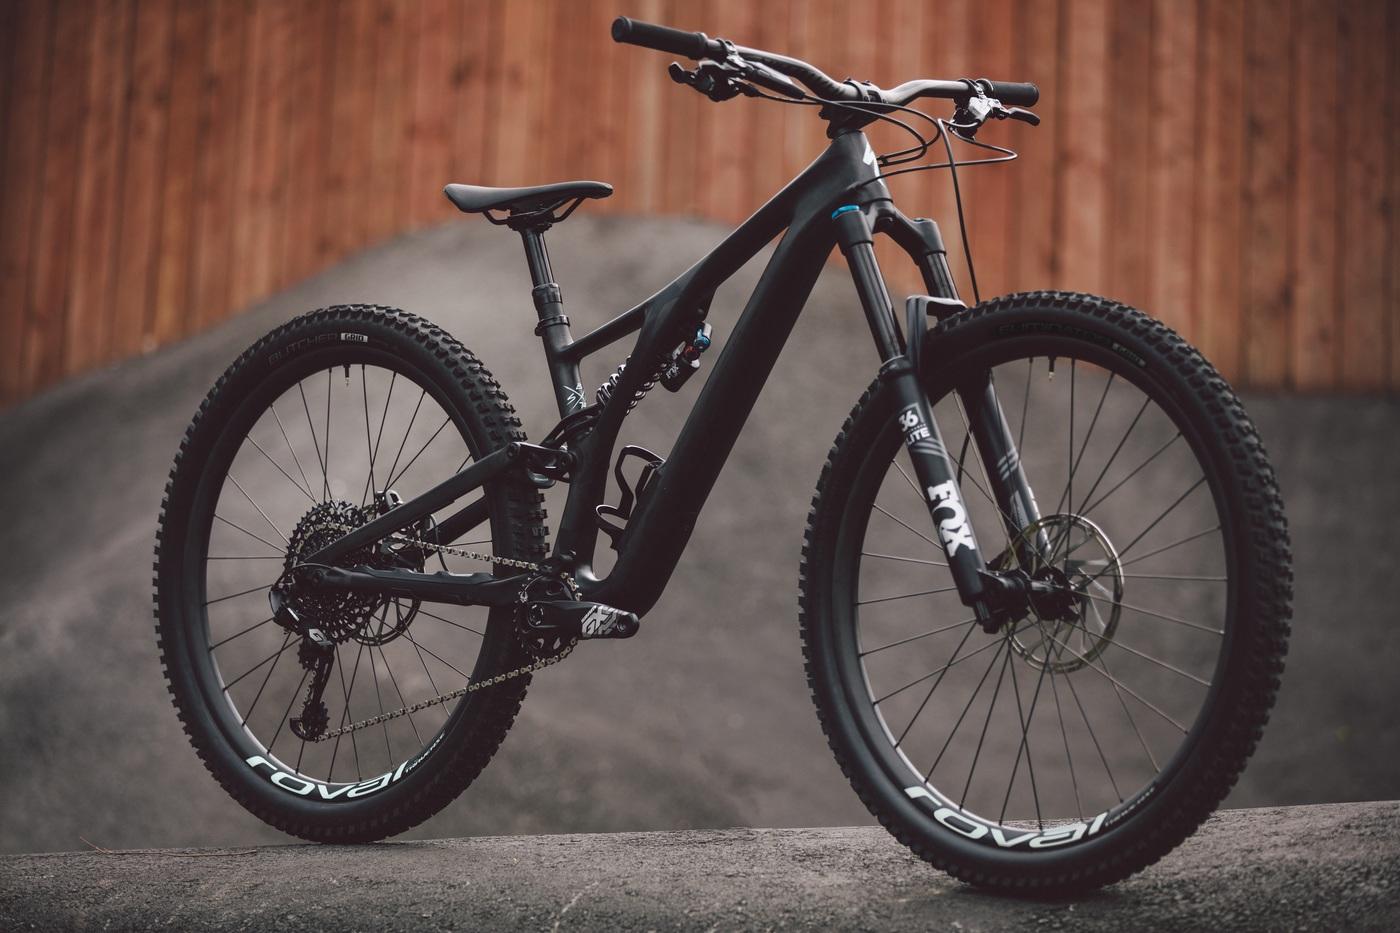 Specialized Stumpjumper Evo Pro Carbon 2019